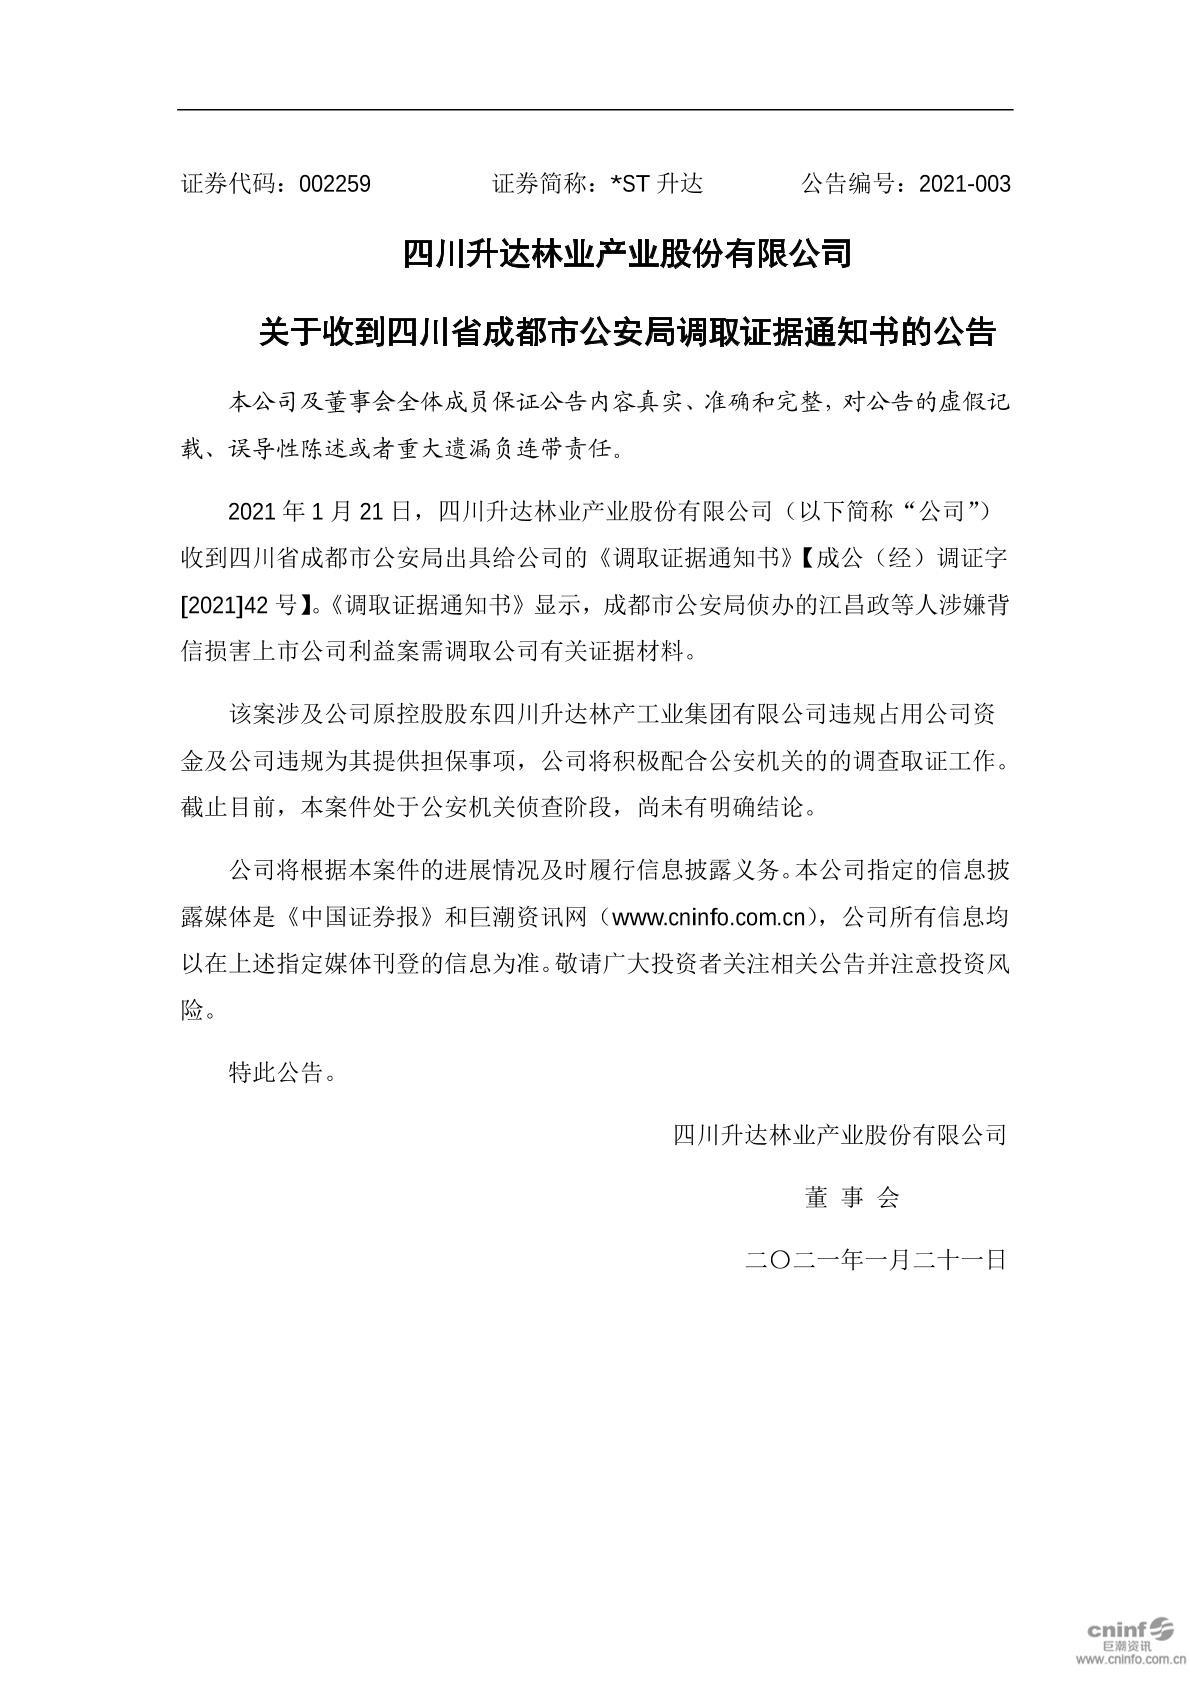 *ST升达:关于收到四川省成都市公安局调取证据通知书的公告